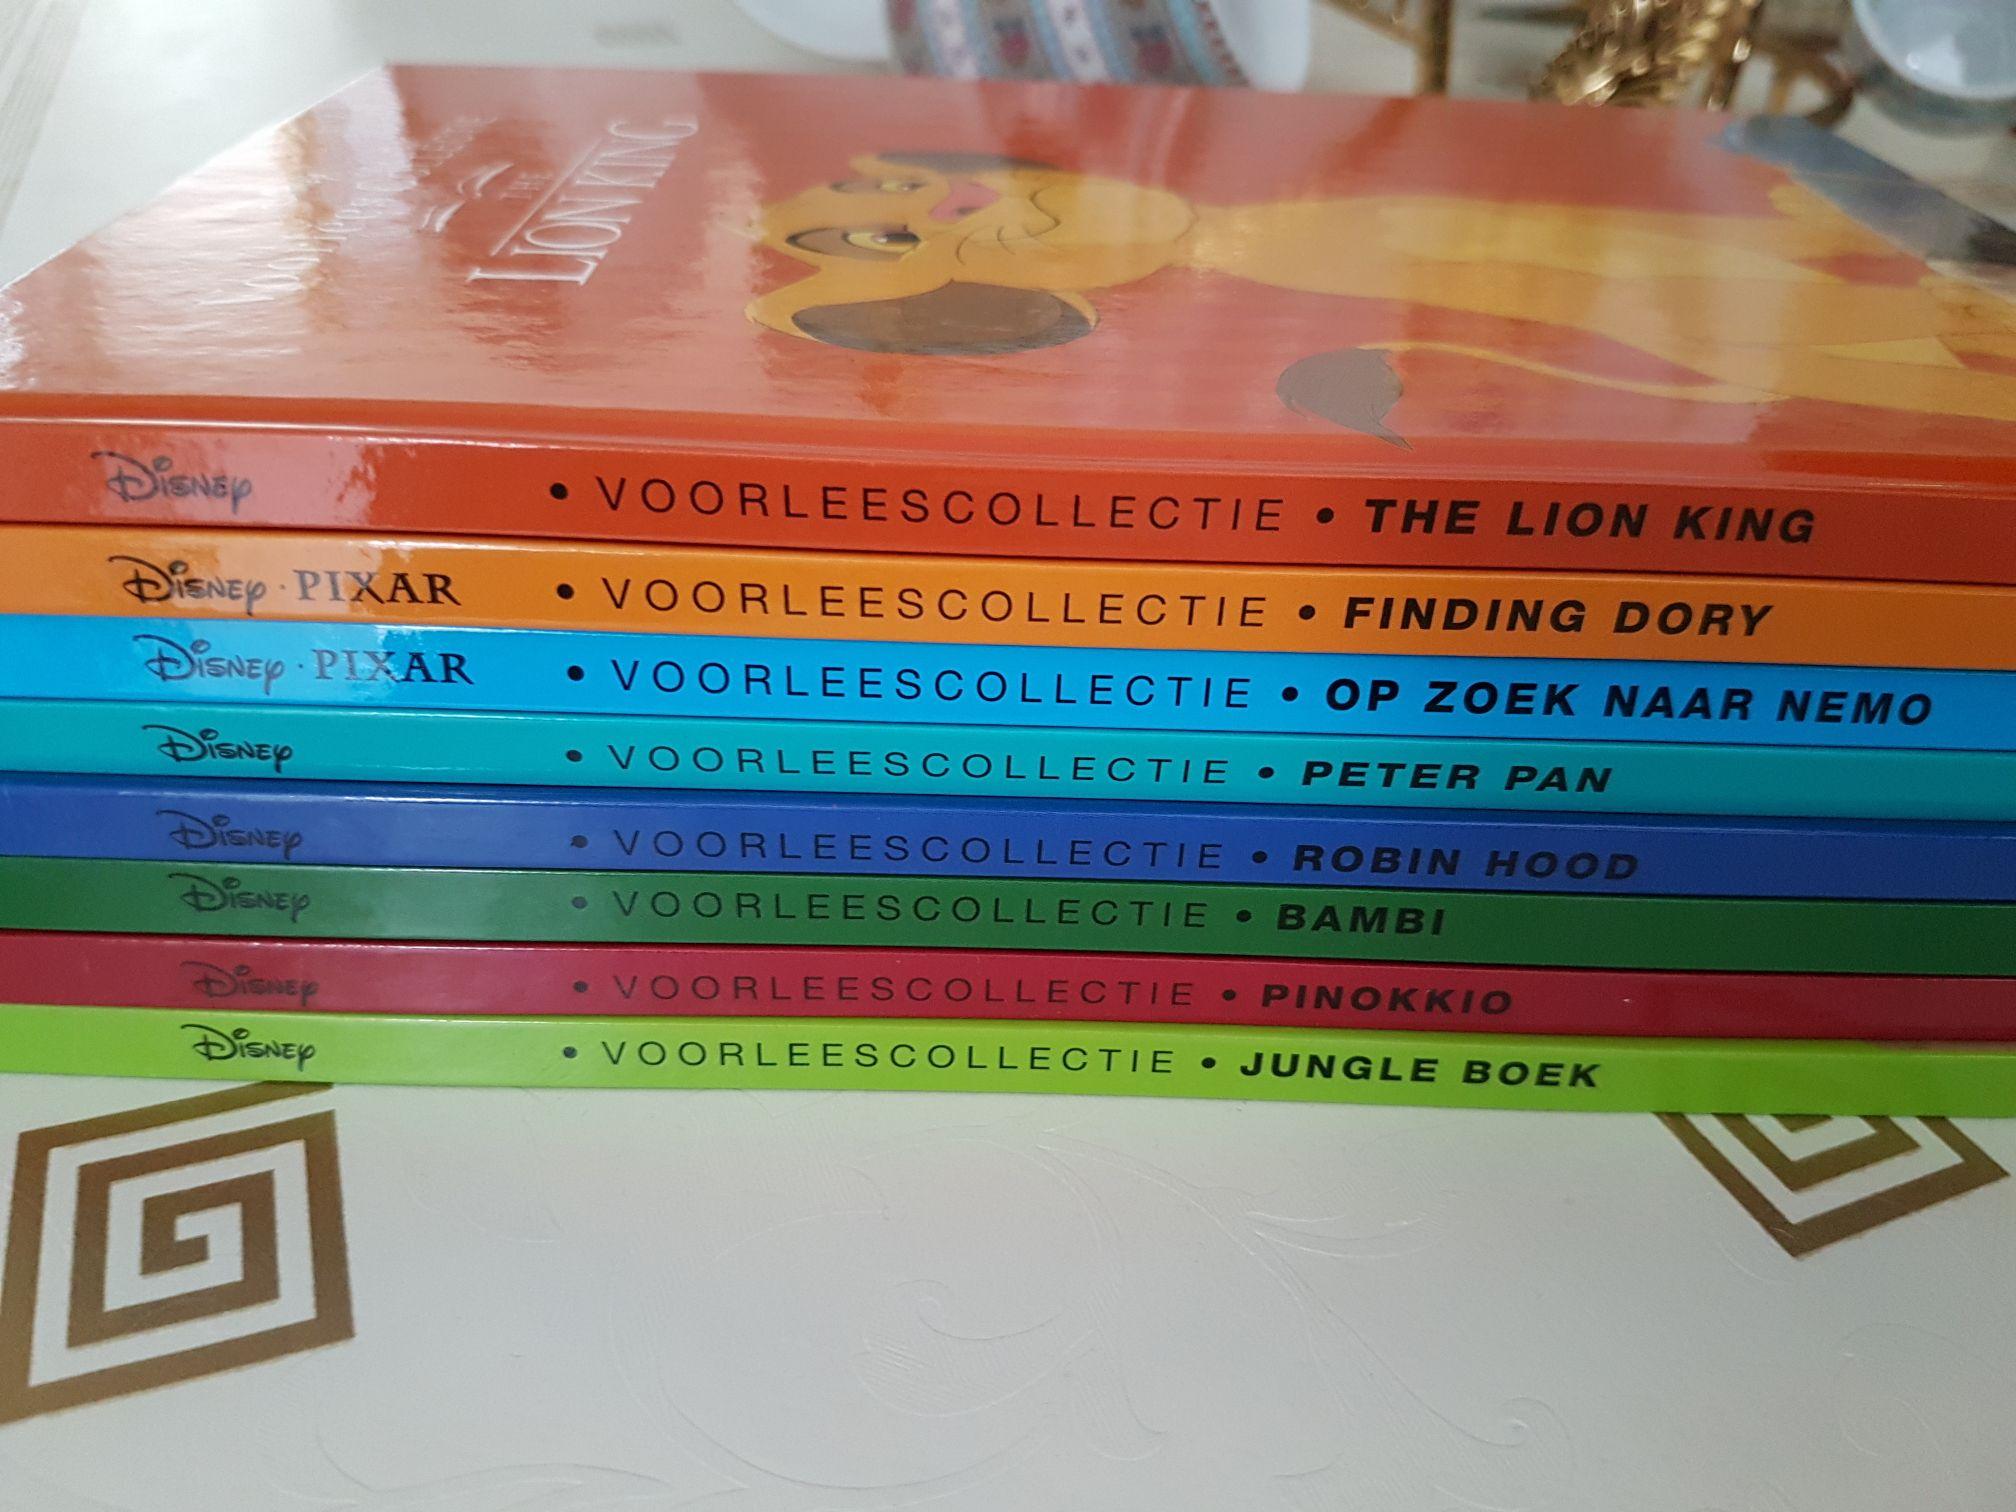 Disney boekenclub bij Action